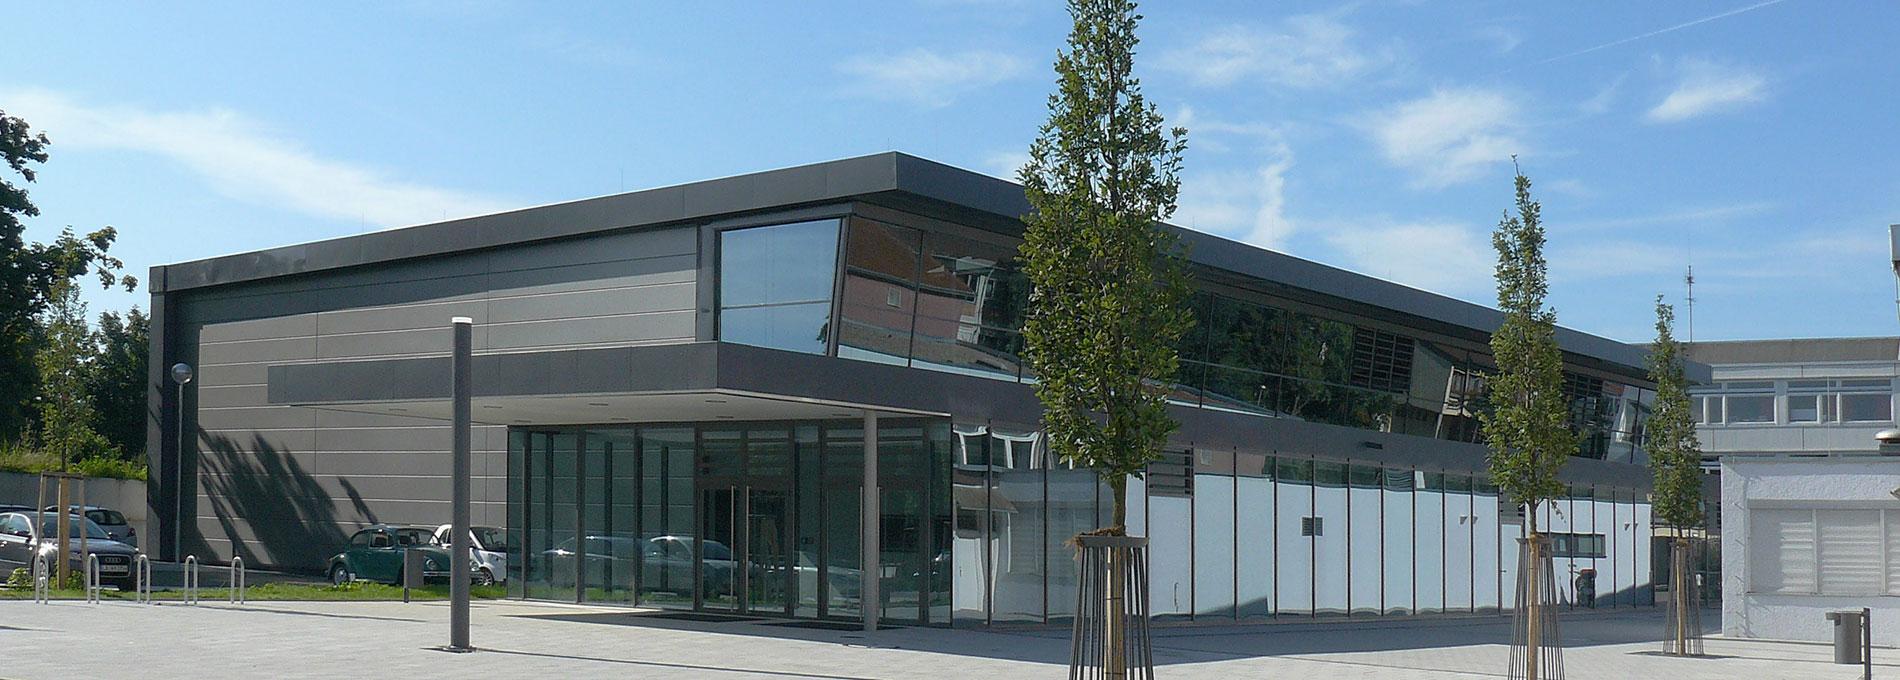 Sporthalle Remseck-Aldingen